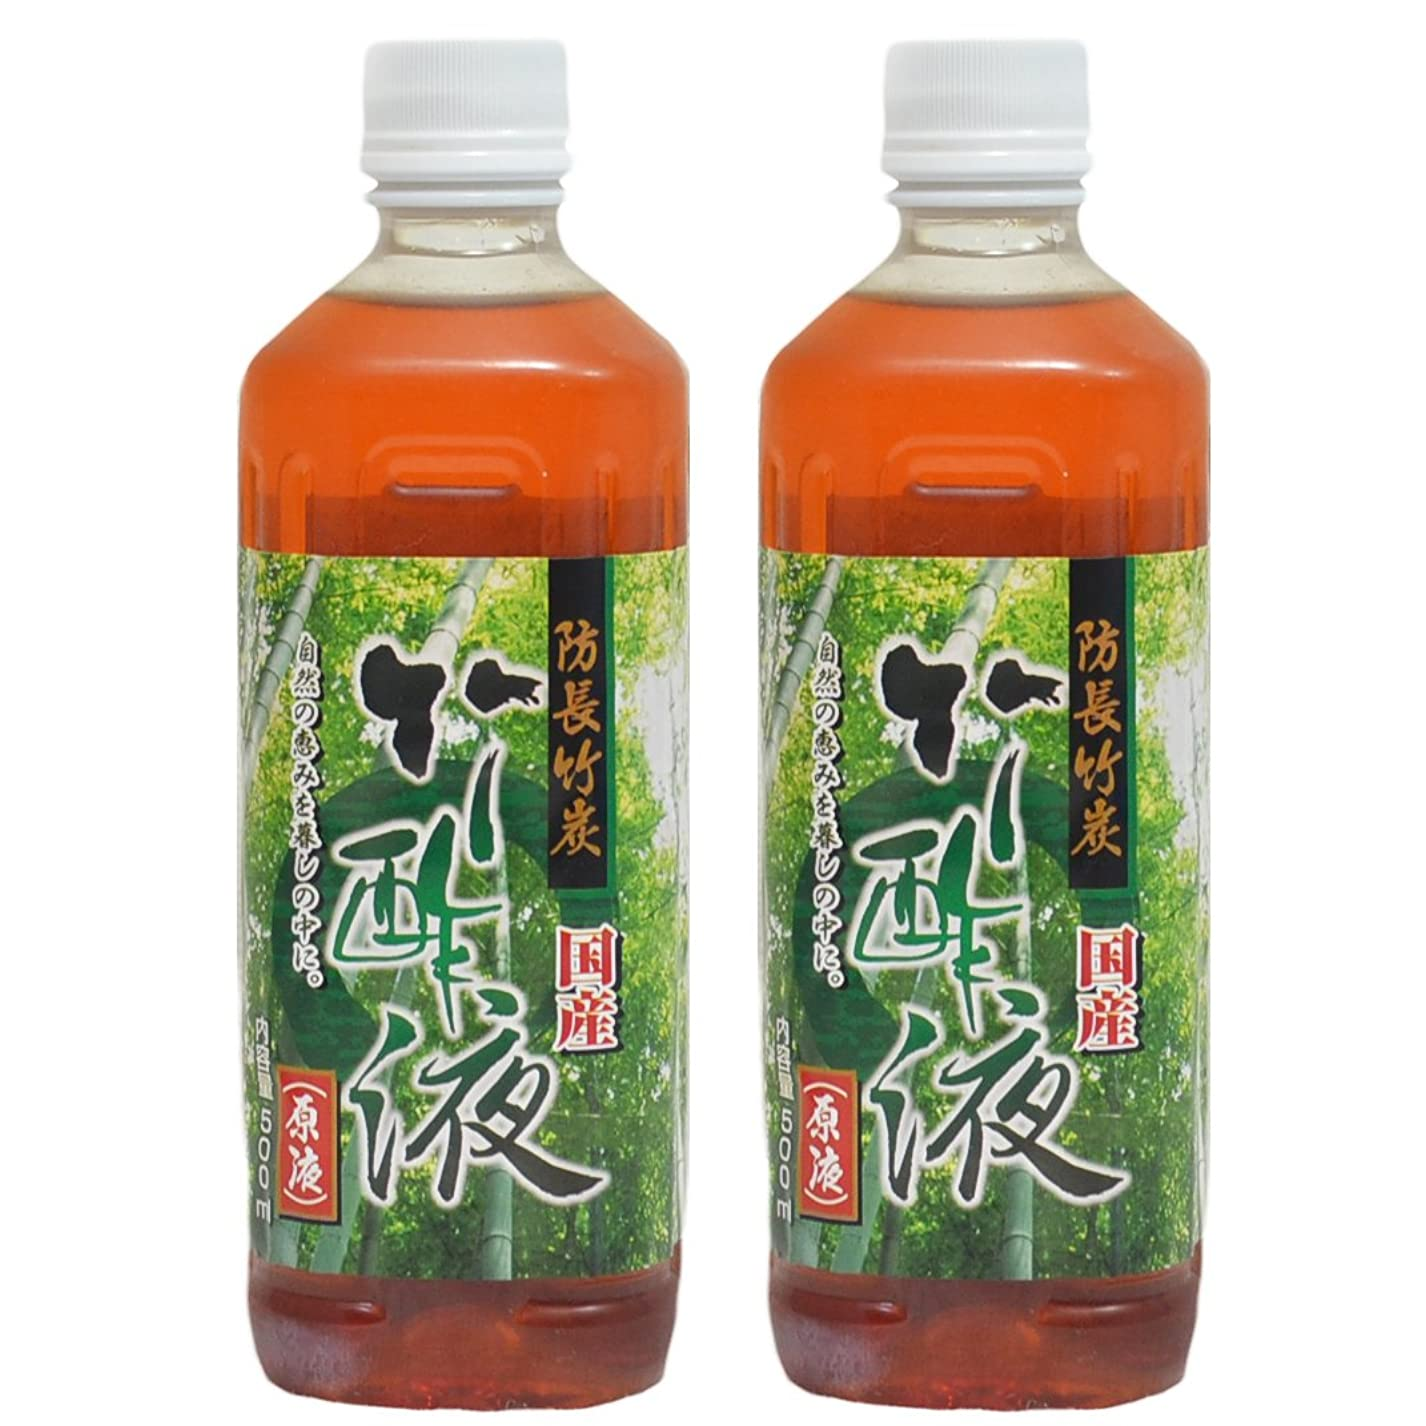 耐えるフォーム暗唱する国産 竹酢液 500ml 防長竹炭 (原液) 2本セット